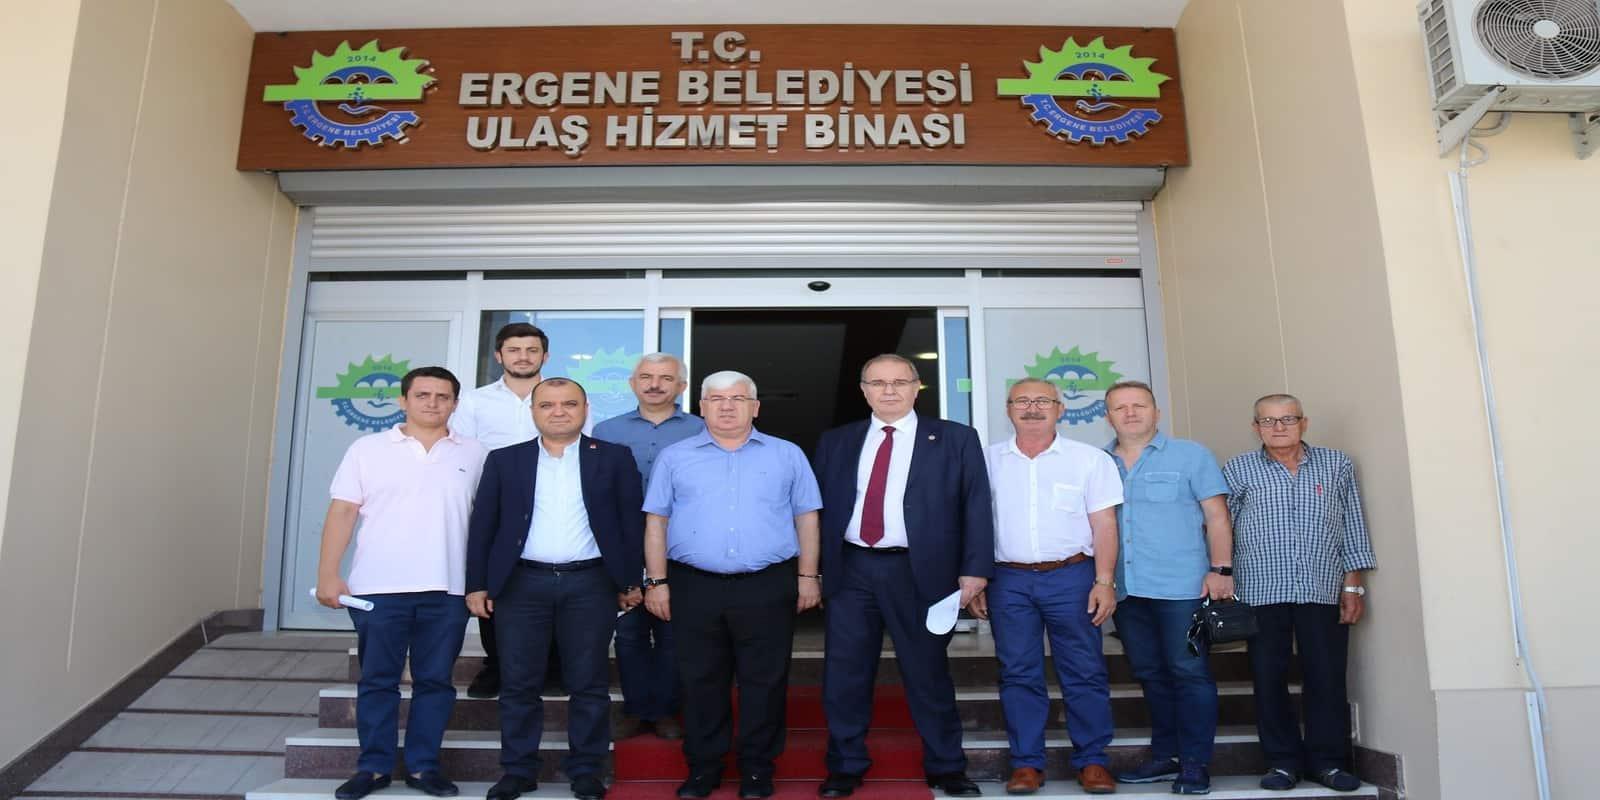 CHP Genel Başkan Yardımcısı Öztrak ve Vekil Aygun Başkan Yüksel'i Ziyaret Etti